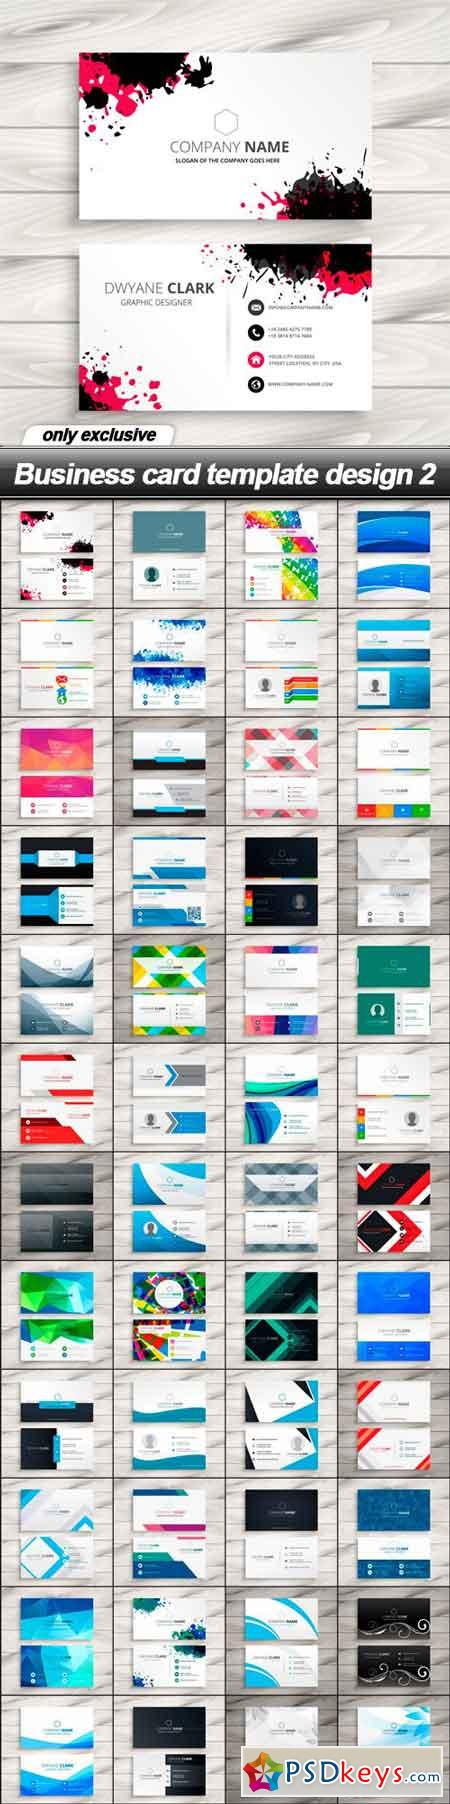 Business card template design 2 48 eps pinterest business card template design 2 48 eps friedricerecipe Gallery